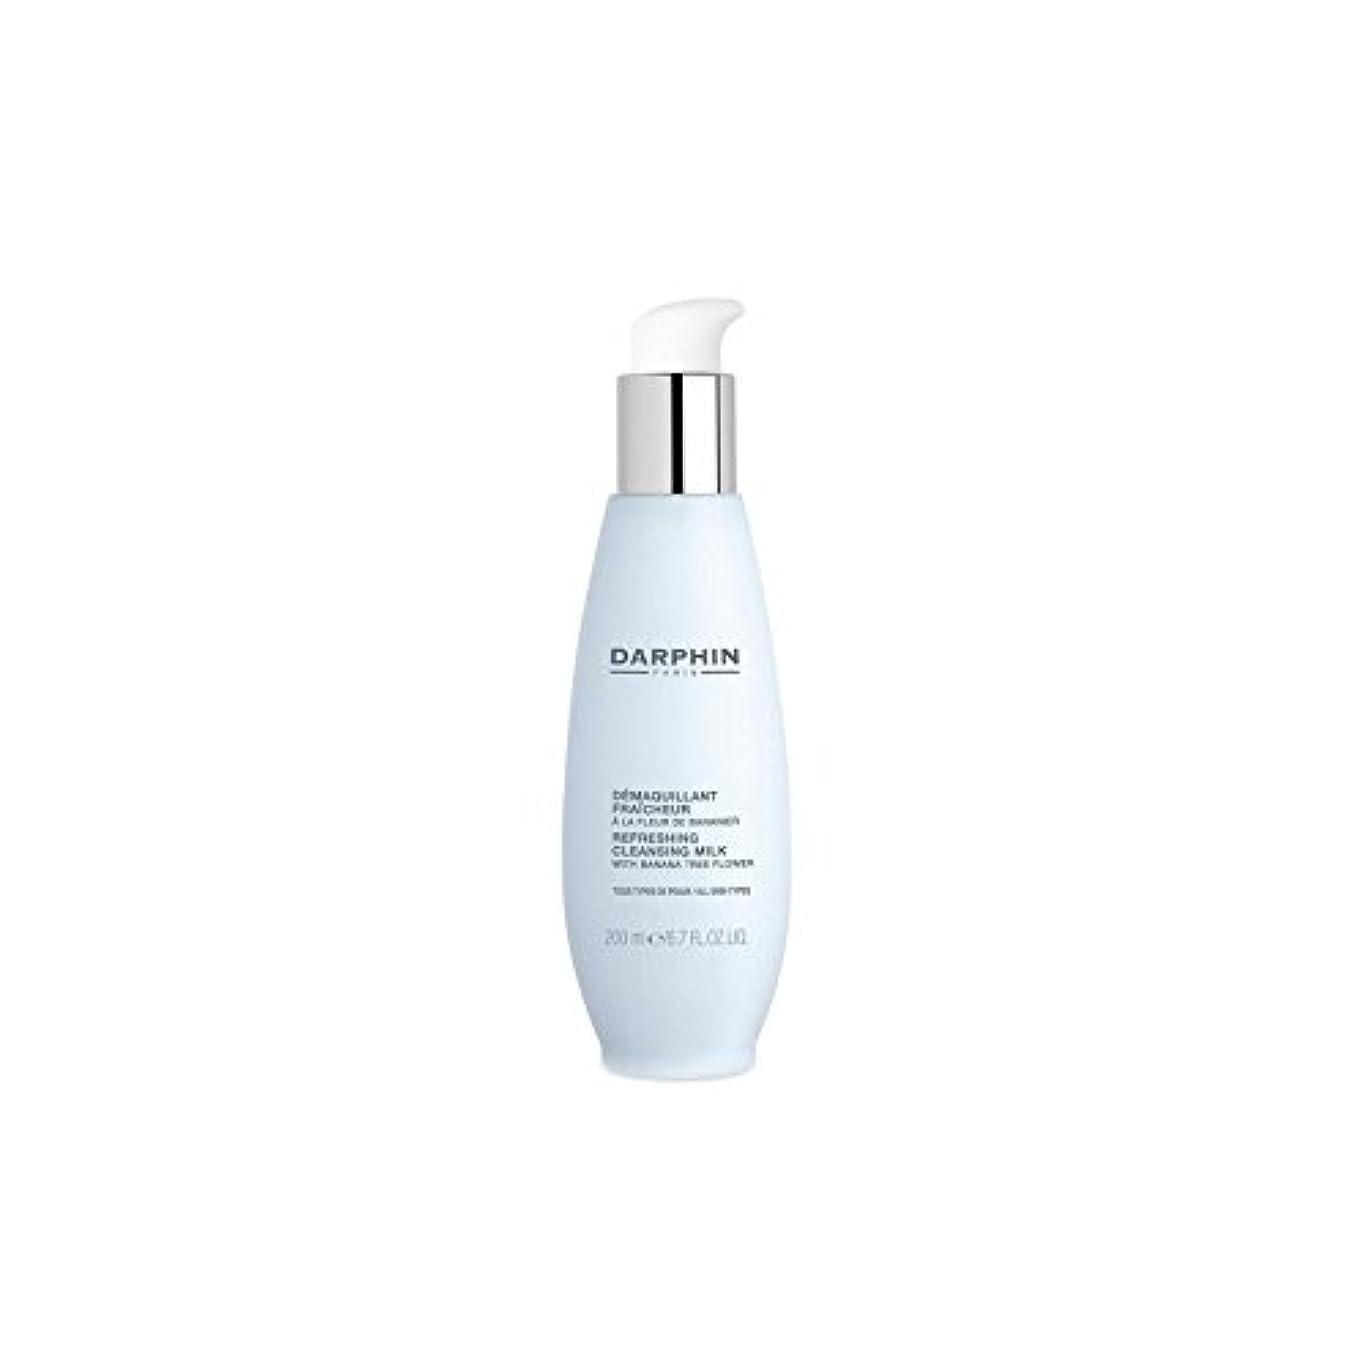 スーパーマーケット書誌ナイトスポットDarphin Refreshing Cleansing Milk - For Normal Skin (200ml) - さわやかなクレンジングミルクをダルファン - 正常な皮膚のために(200ミリリットル) [並行輸入品]